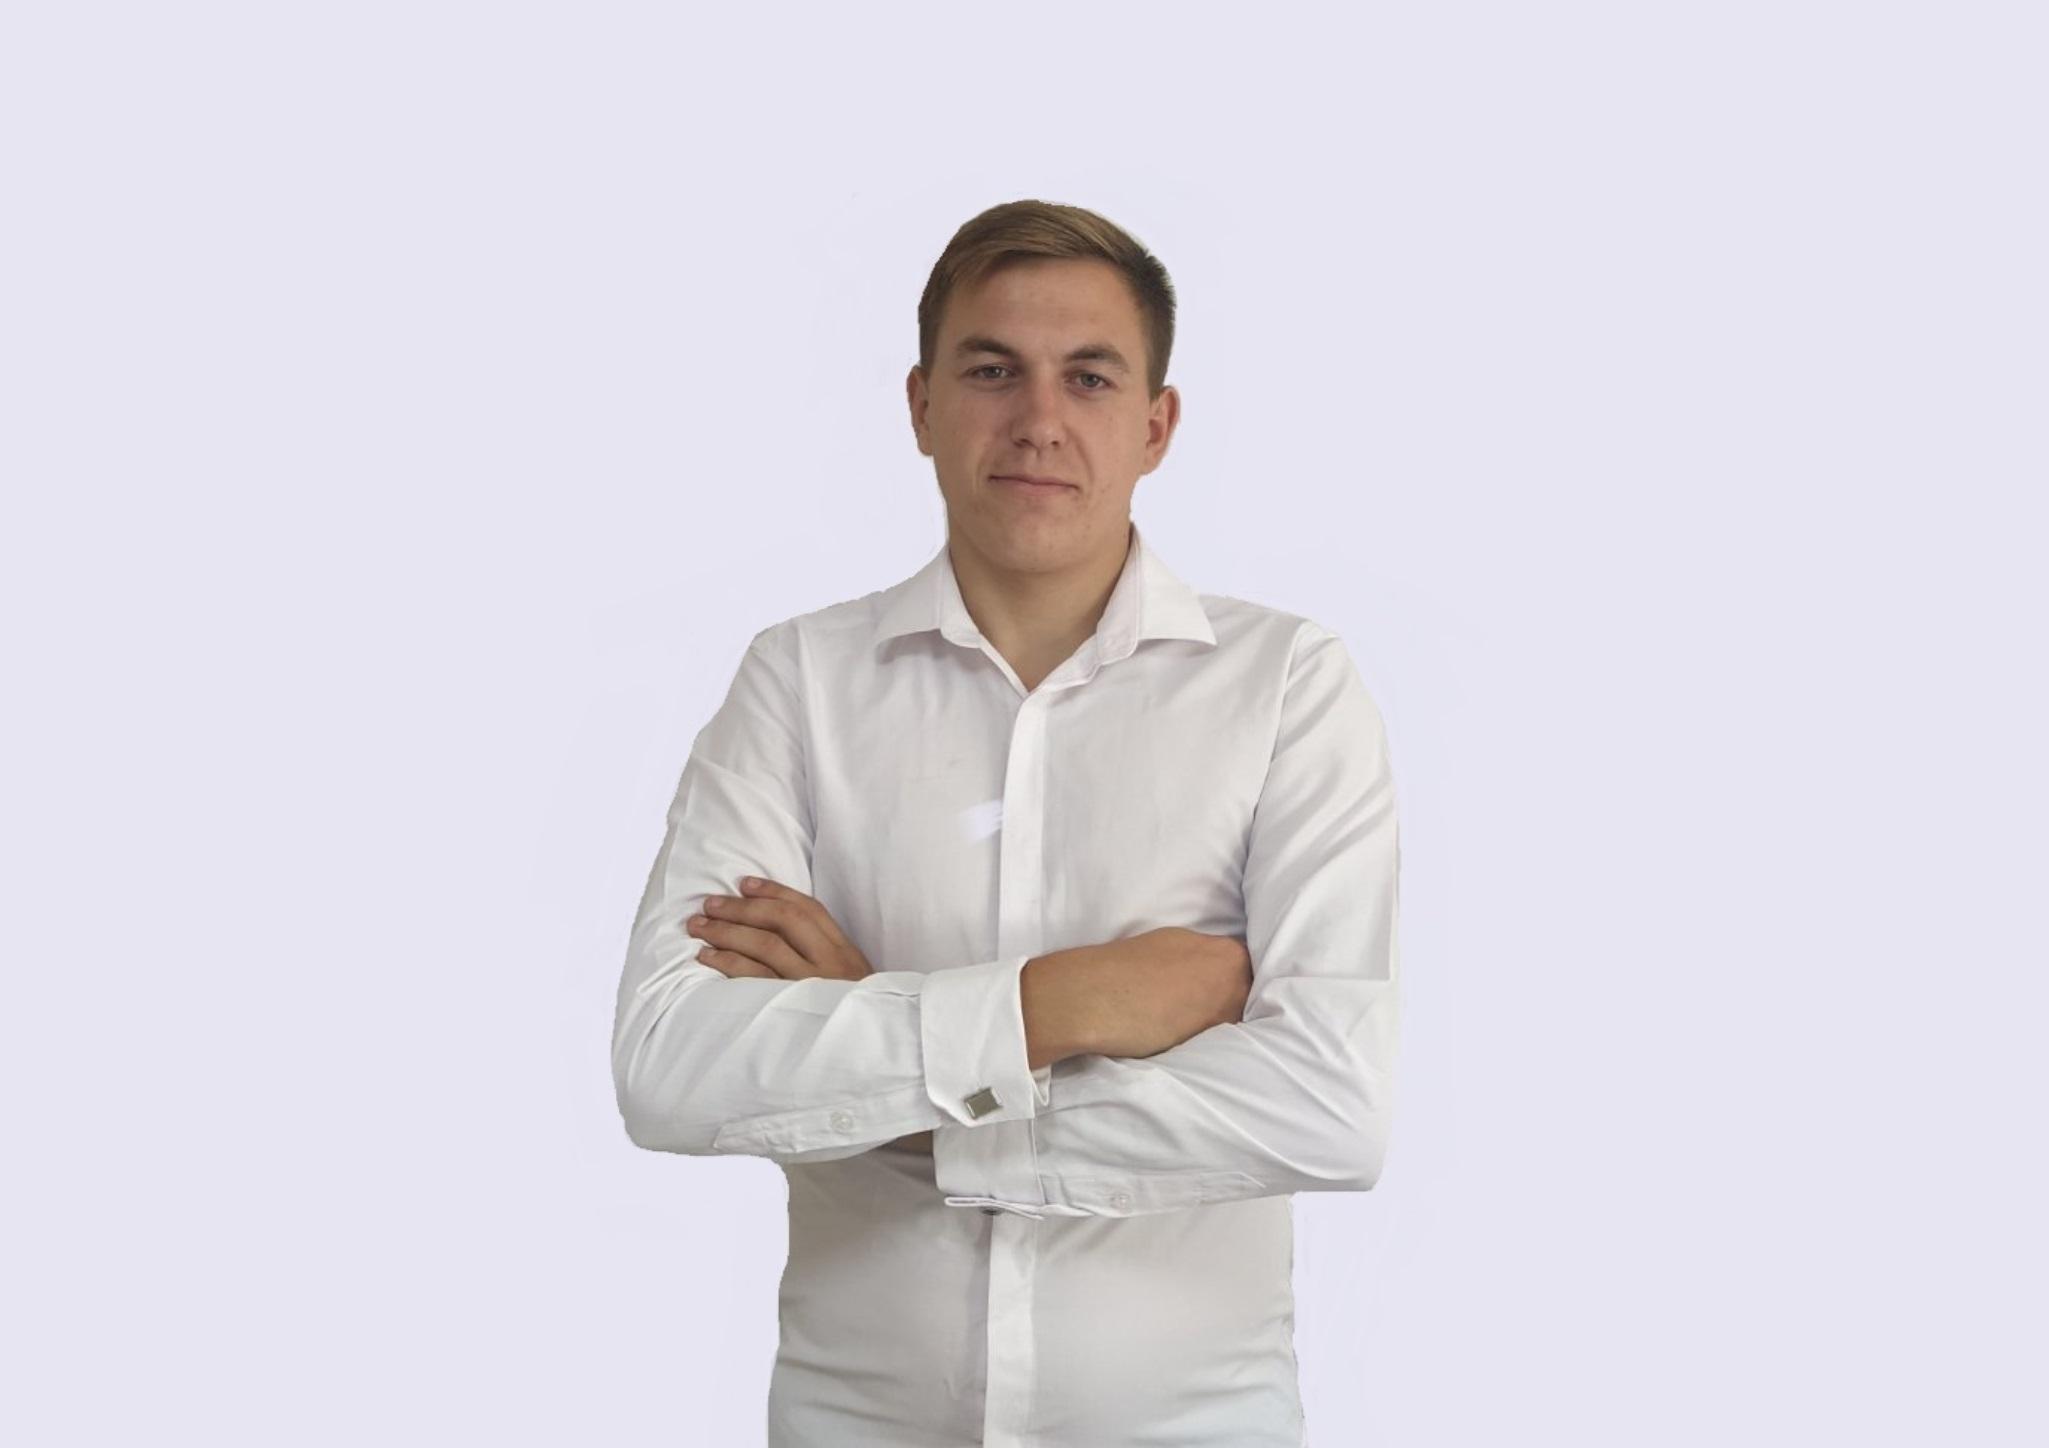 Cazacliu Serghei